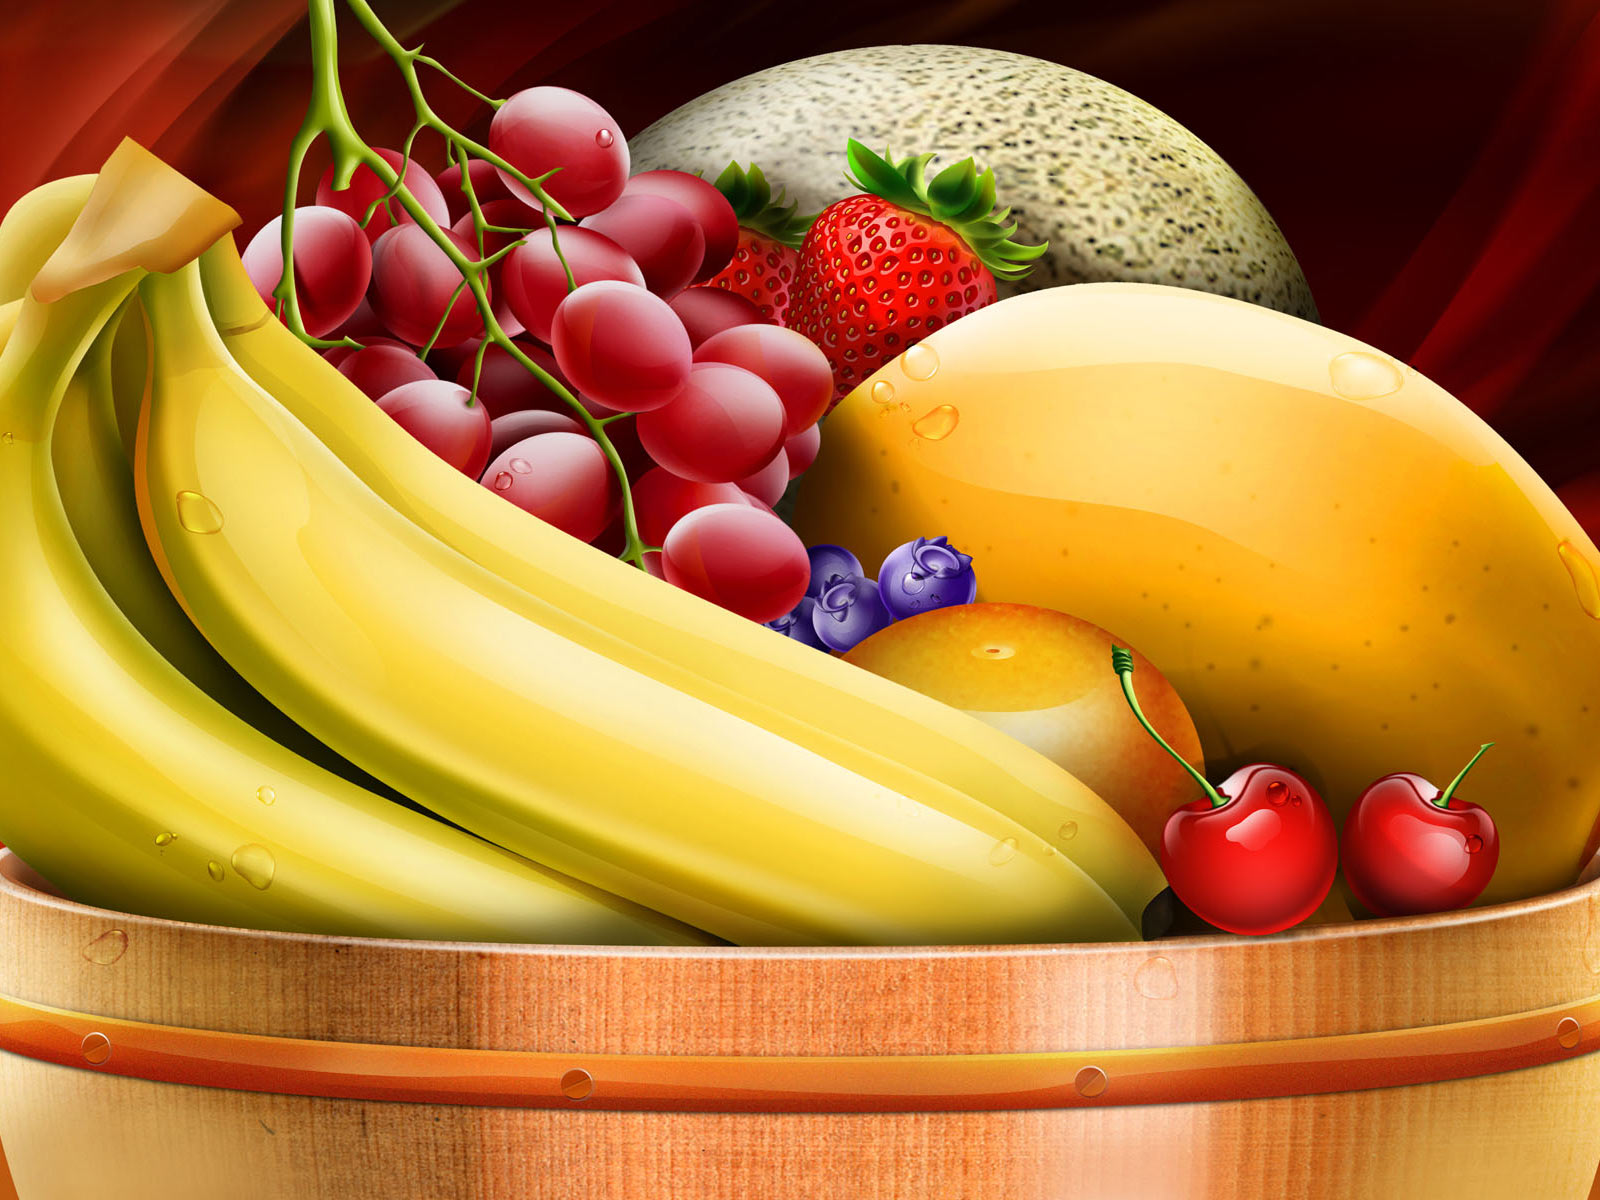 الإنتاج الشحن والتجارة في الموز Beautiful%252Bbanana%252Bwallpapers%252Bthemes%252Bfree%252Bload